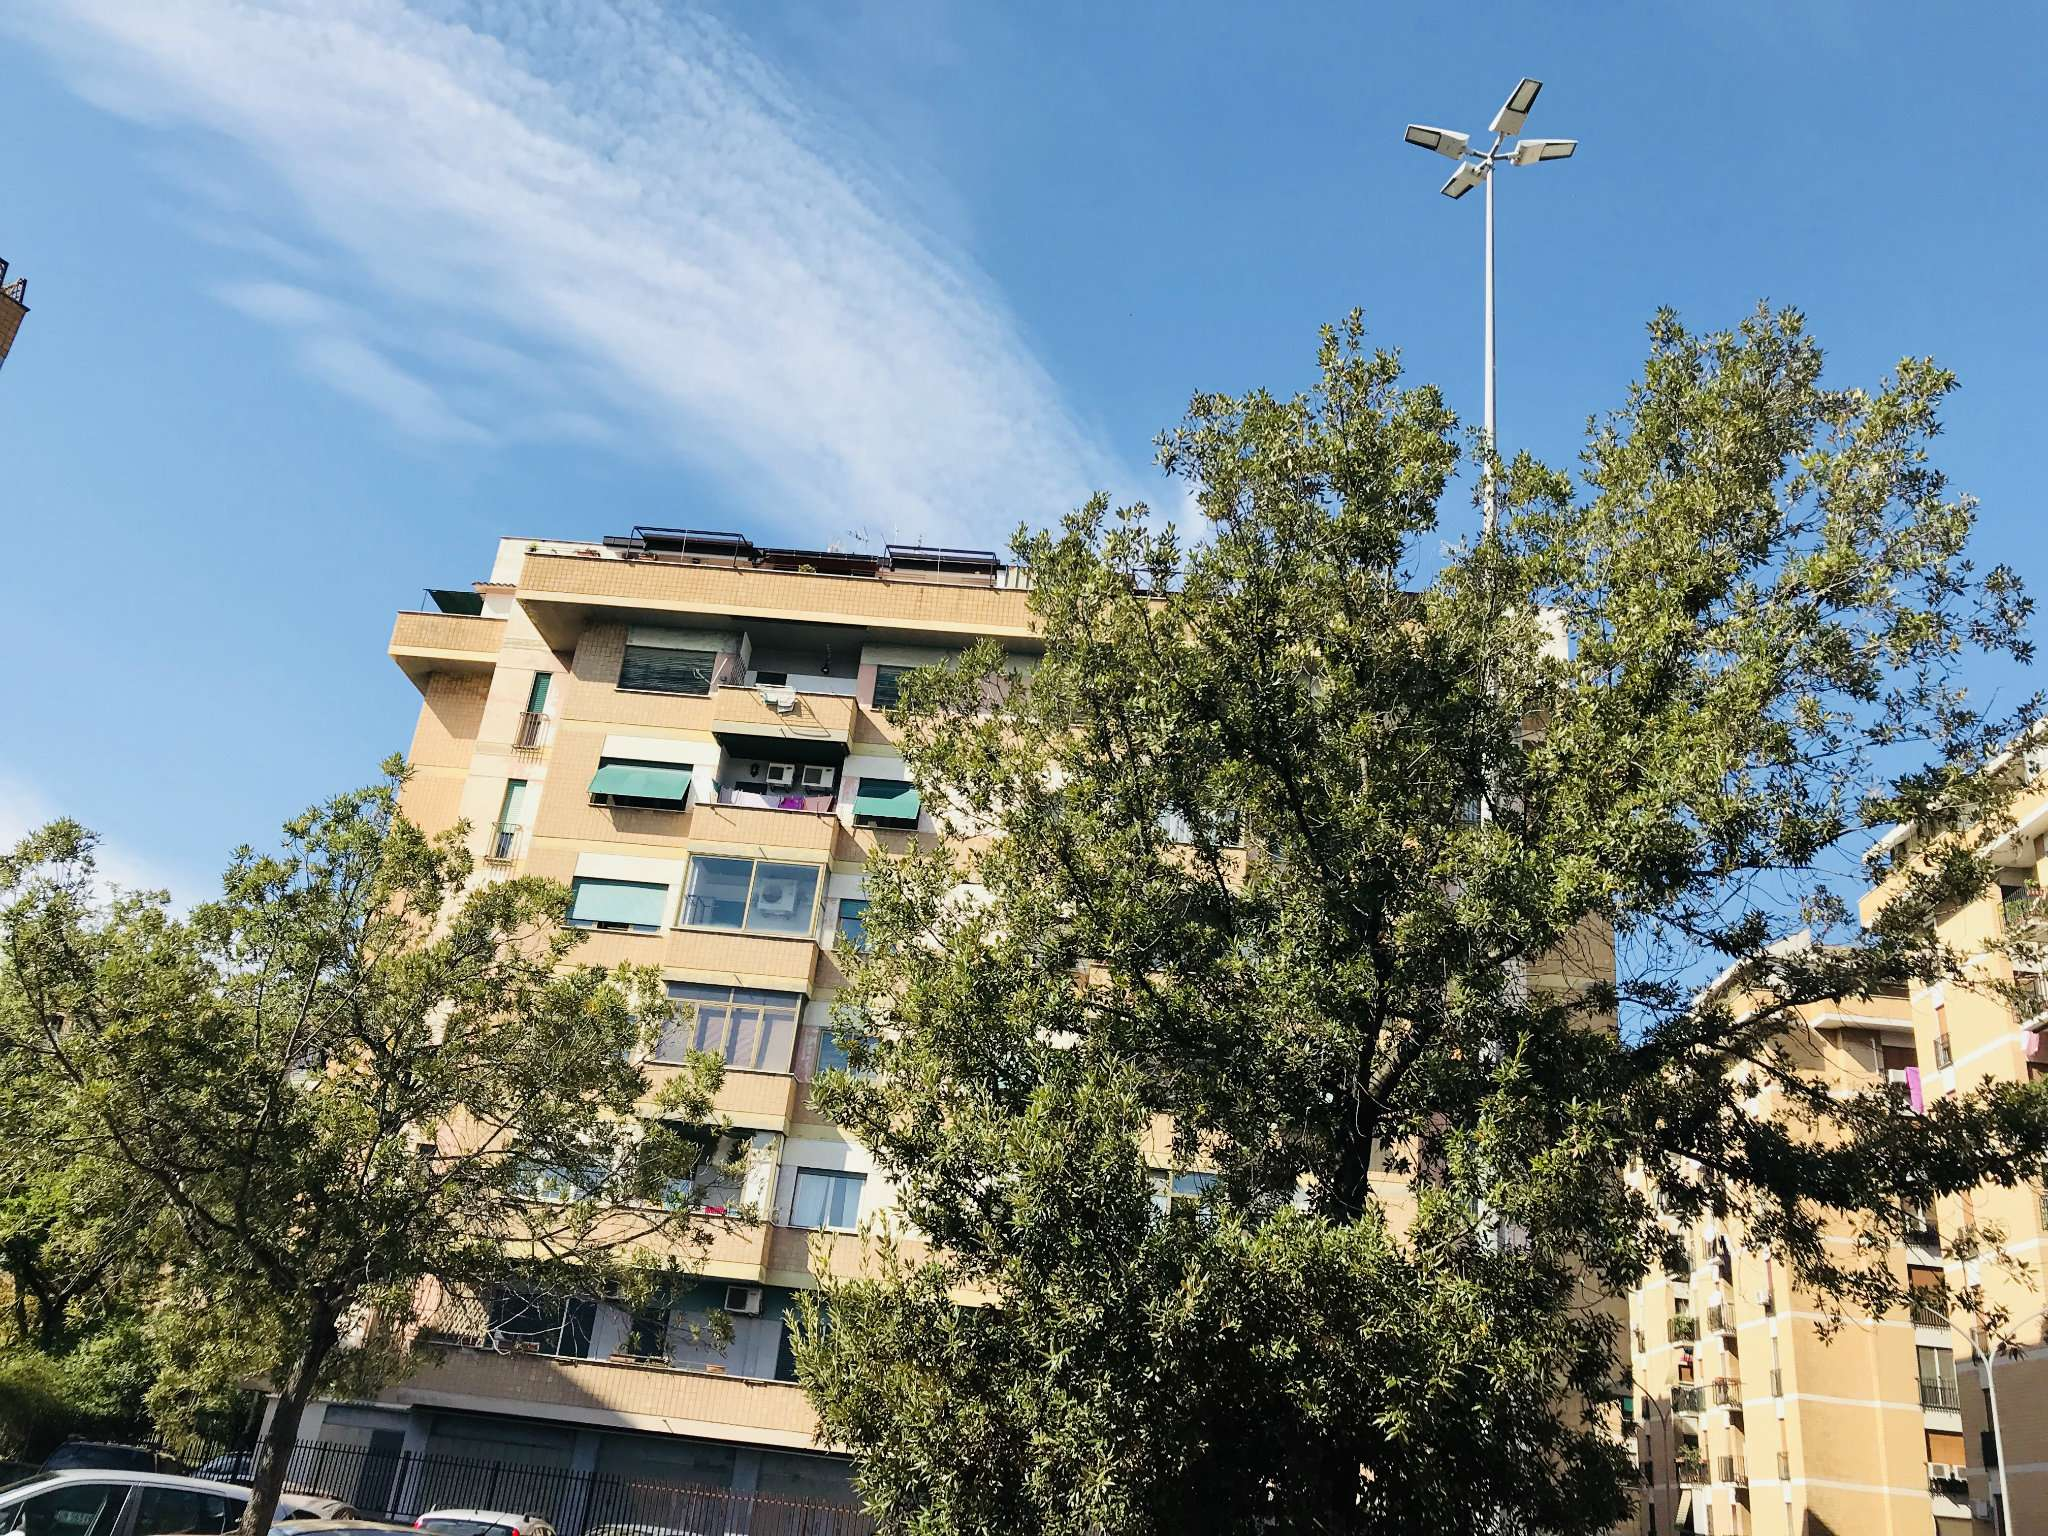 Appartamento in vendita a Roma, 4 locali, zona Zona: 23 . Portuense - Magliana, prezzo € 230.000 | CambioCasa.it